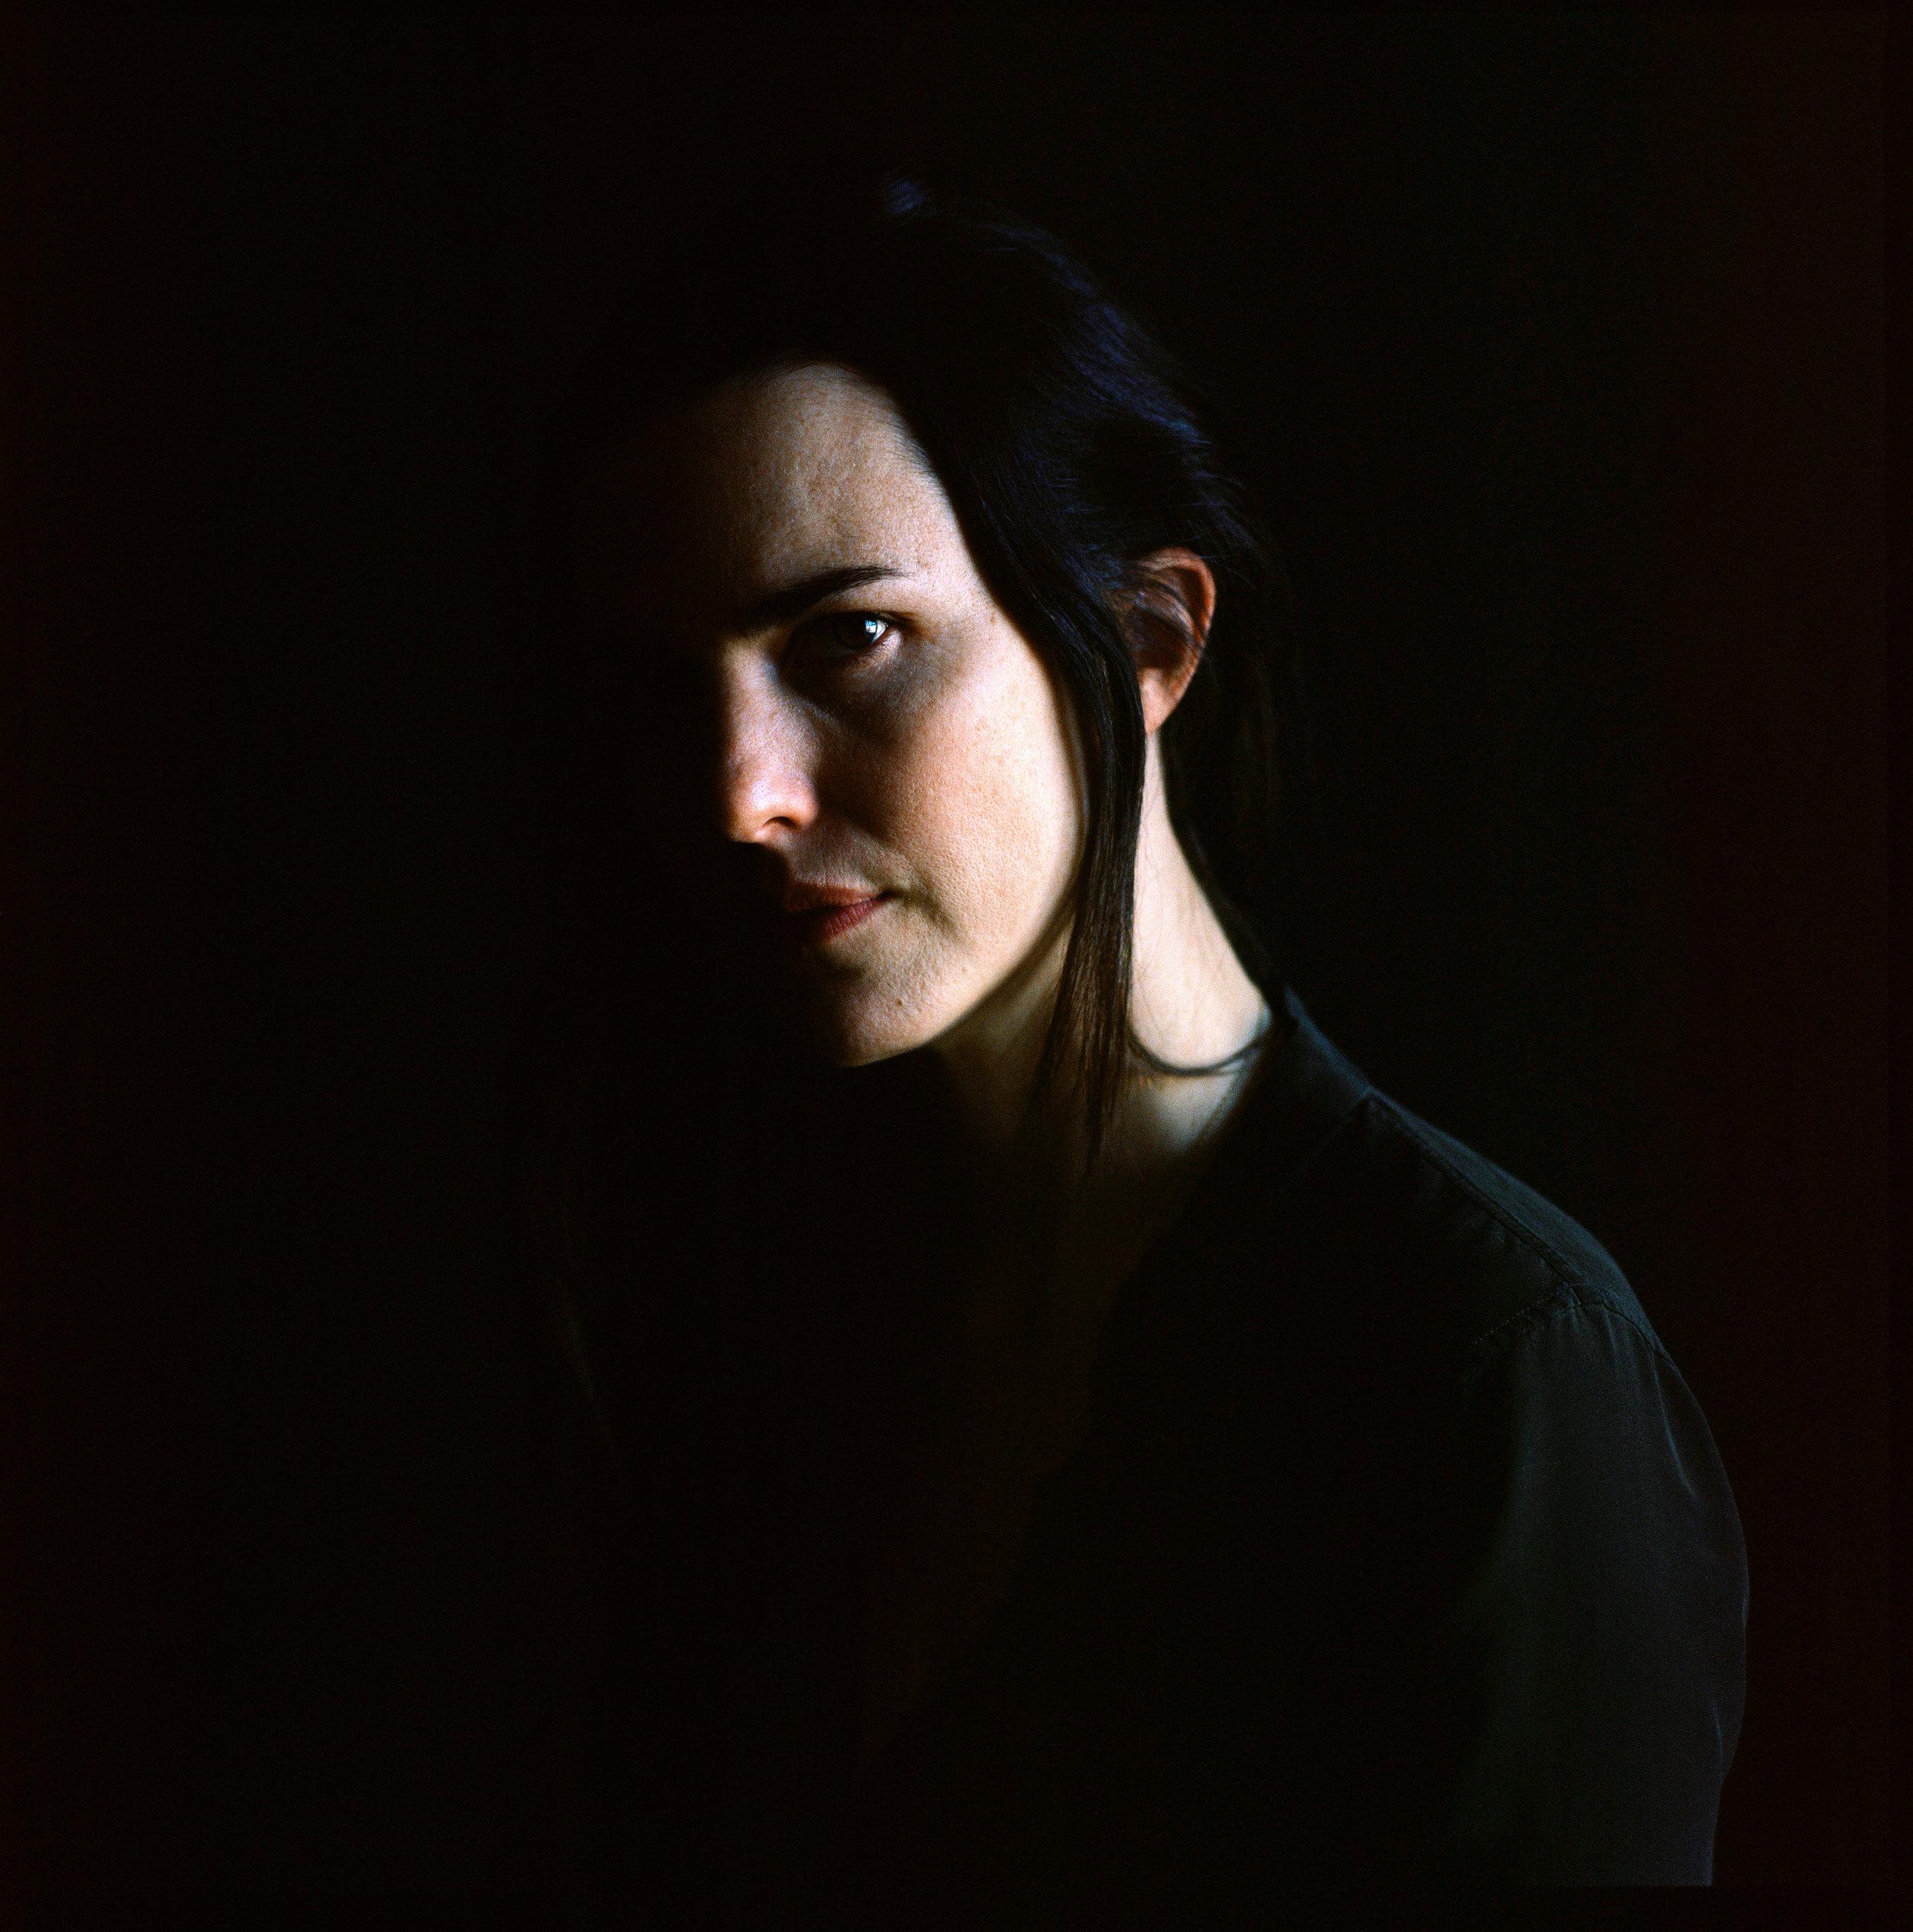 Photo by Maria Baranova